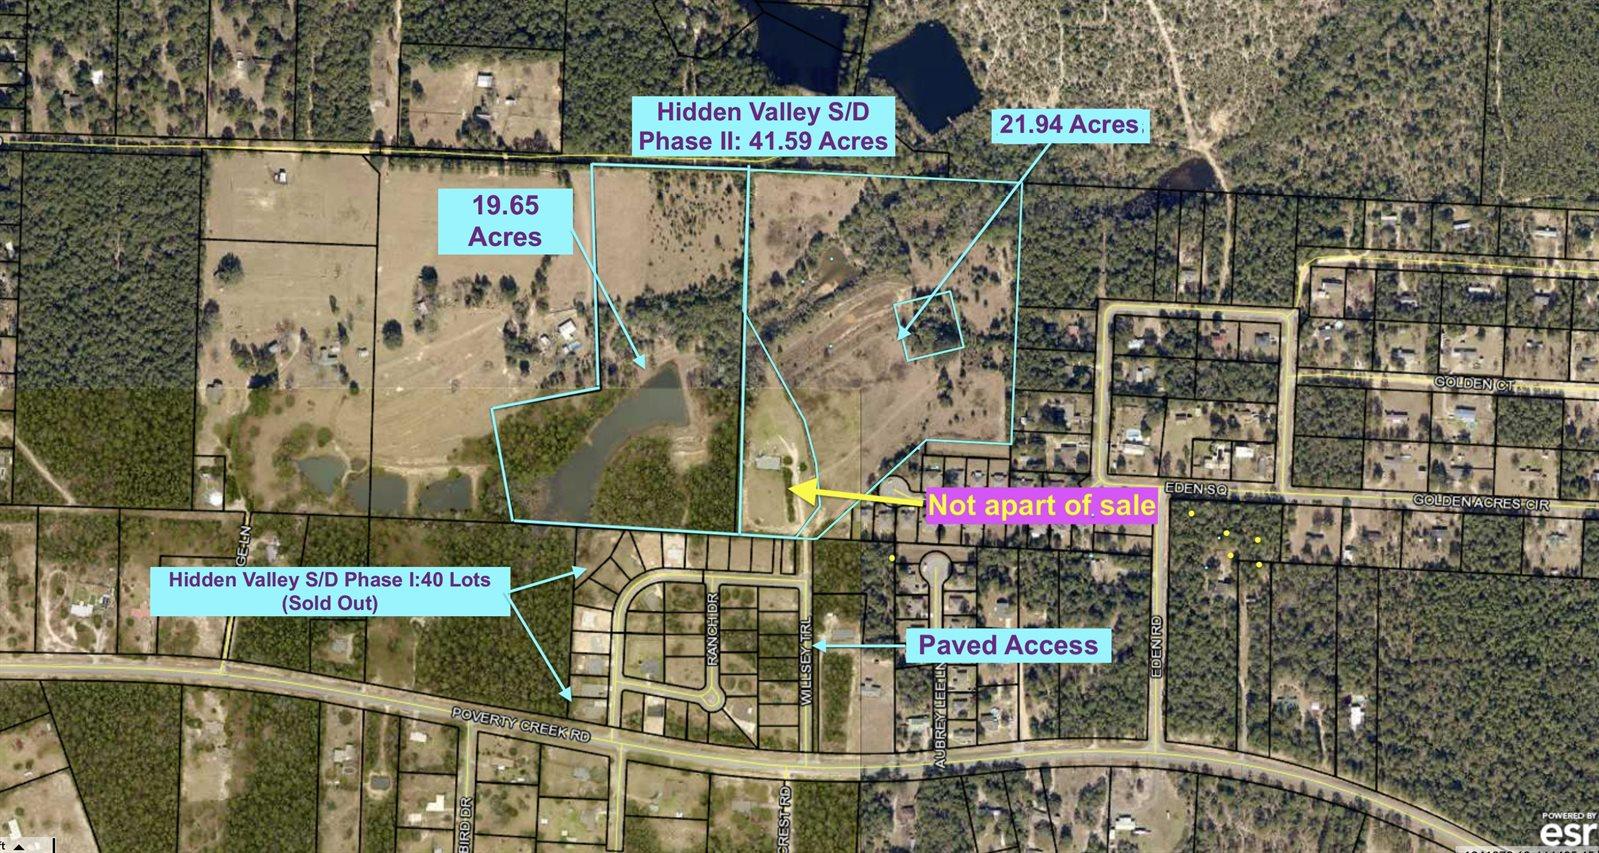 000 Horns Hollow Road, Crestview, FL 32539